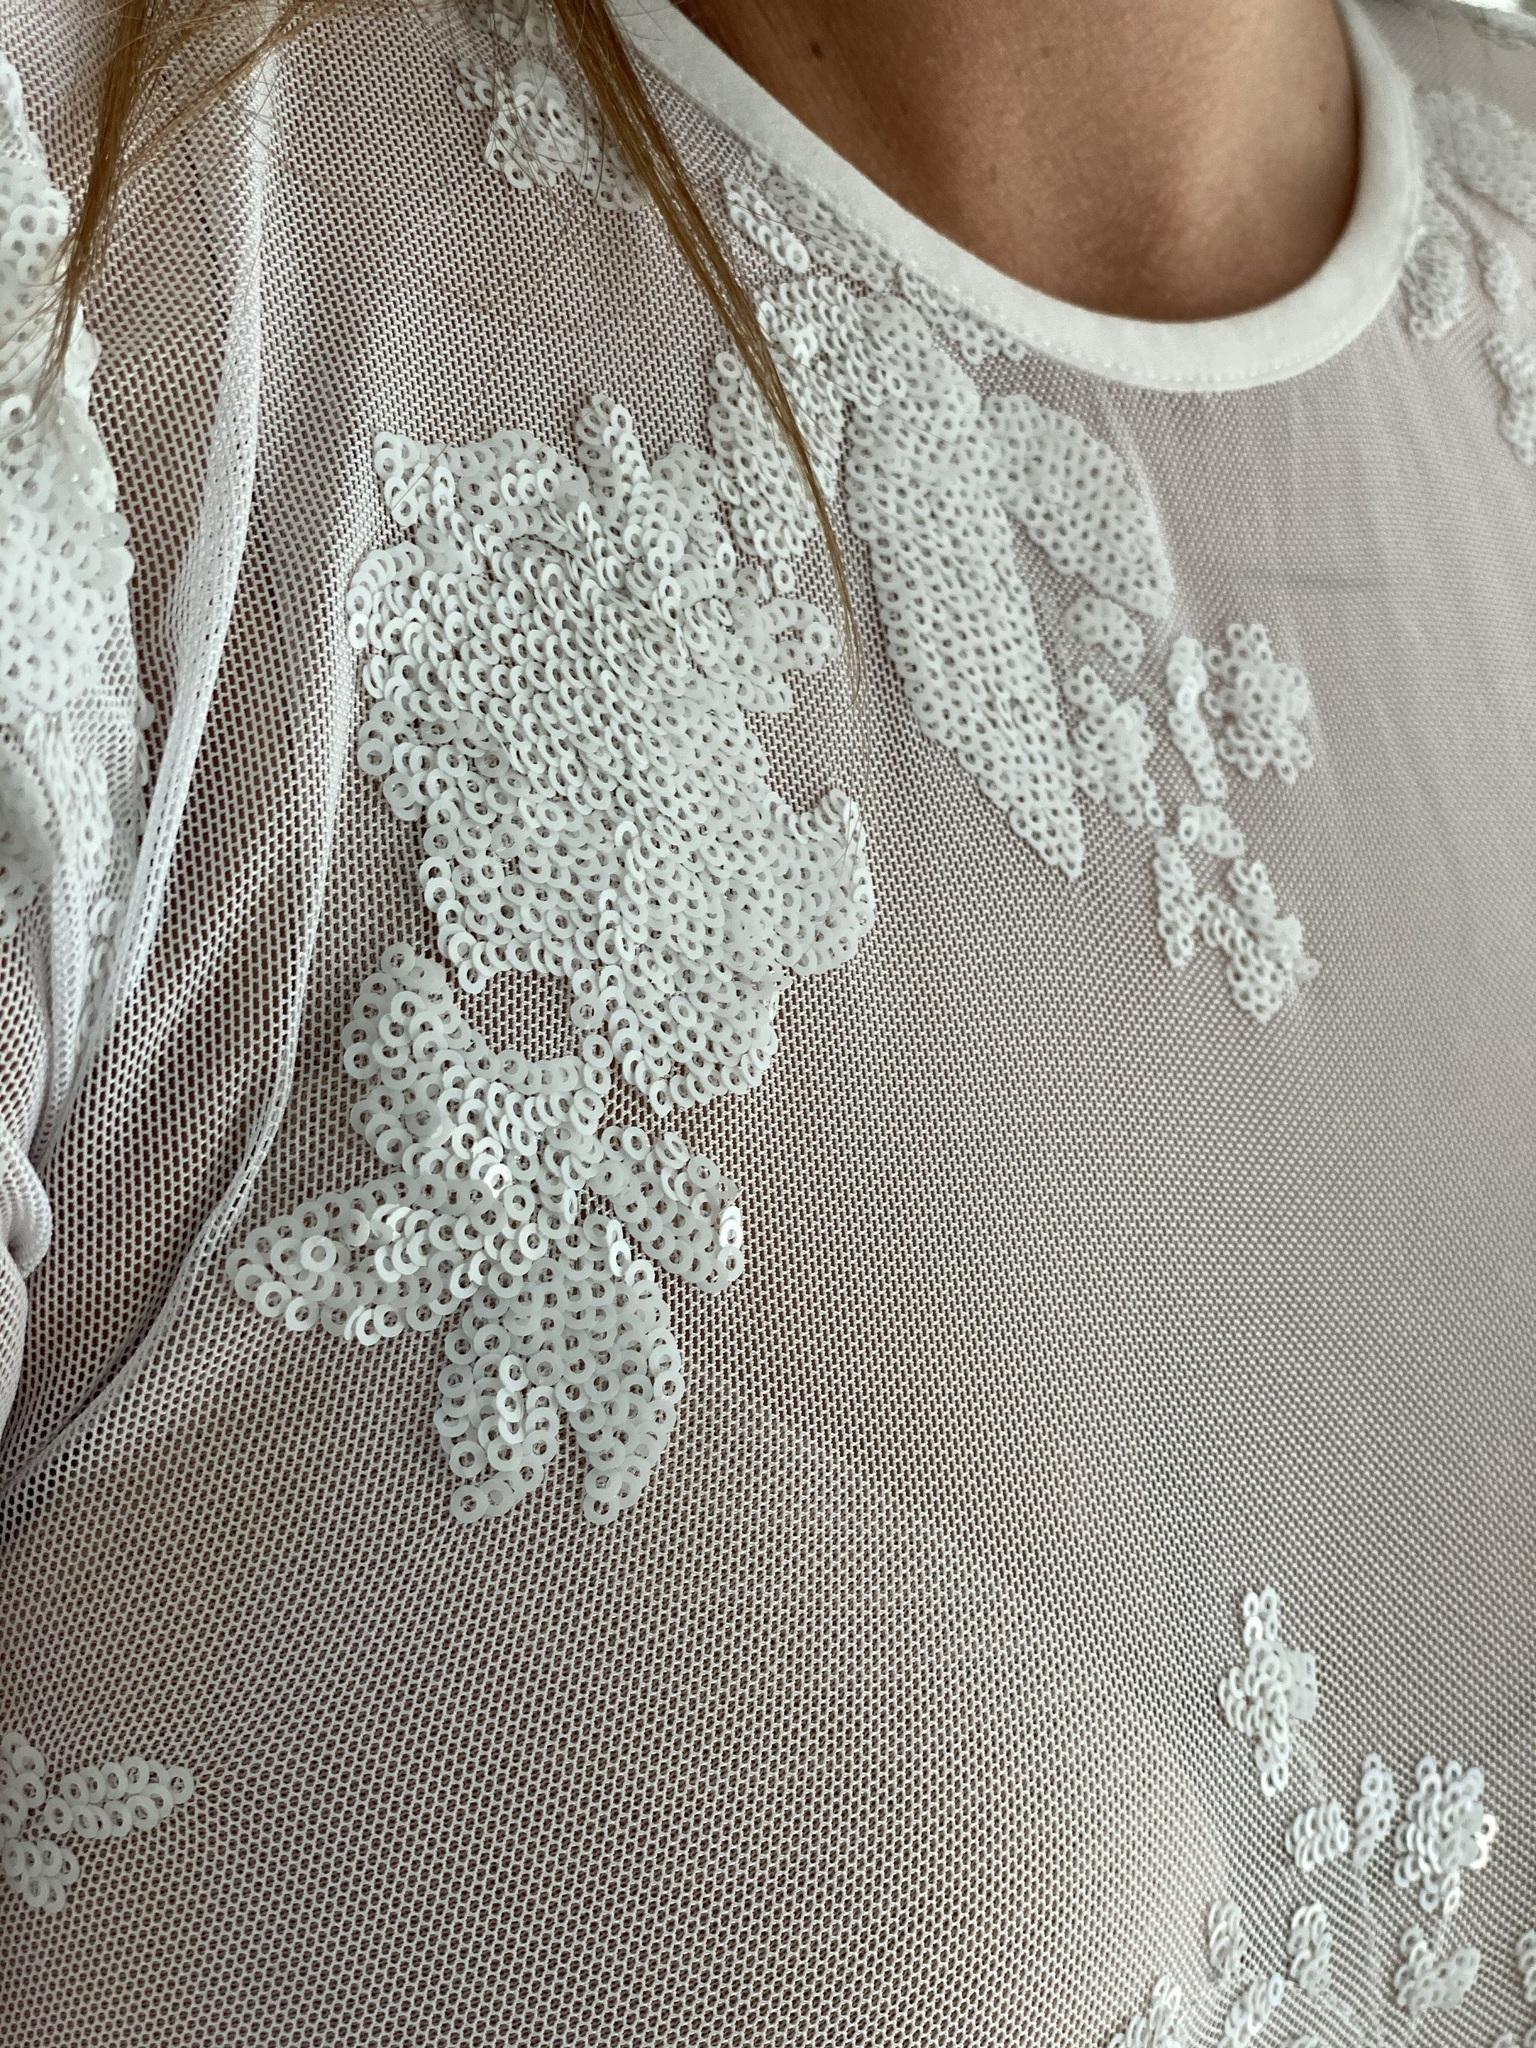 Платье, UNO, MHH28 (белый)